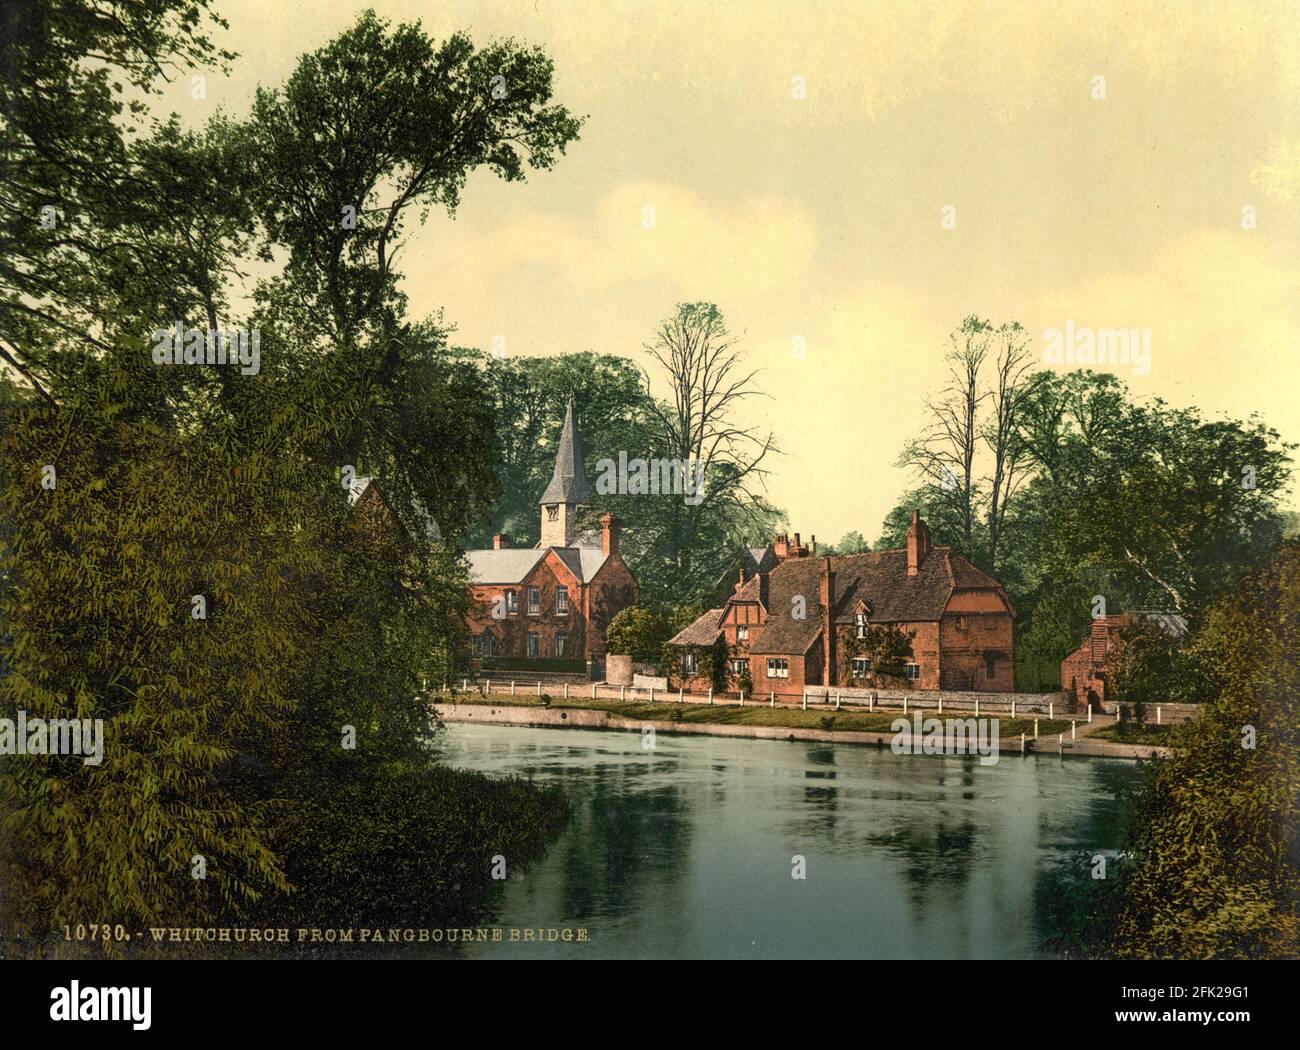 Whitchurch et la Tamise dans le Berkshire comme vu de Le pont de Whitchurch vers 1890-1900 Banque D'Images